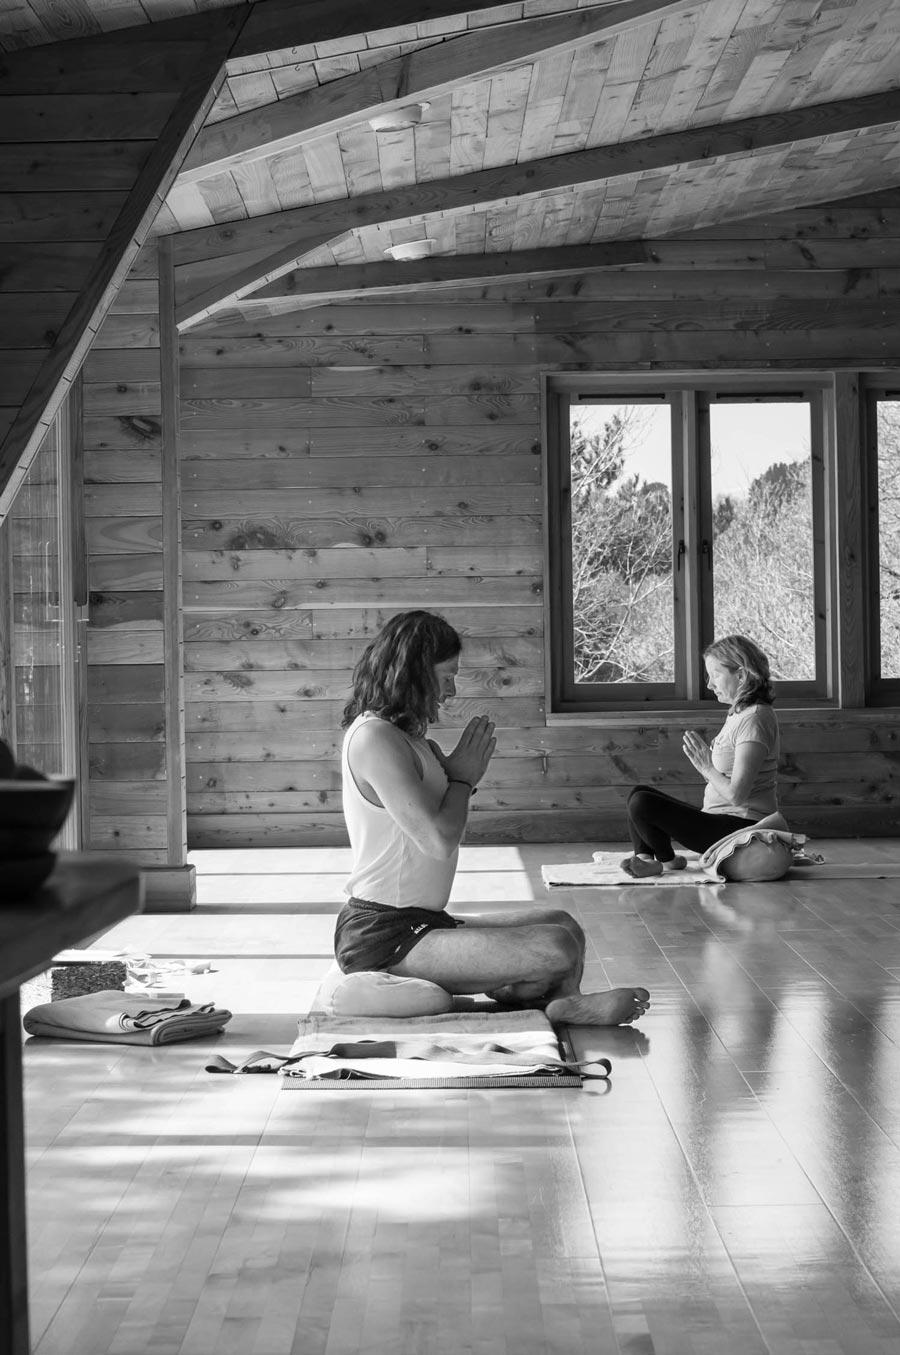 Gav Tilstone meditating